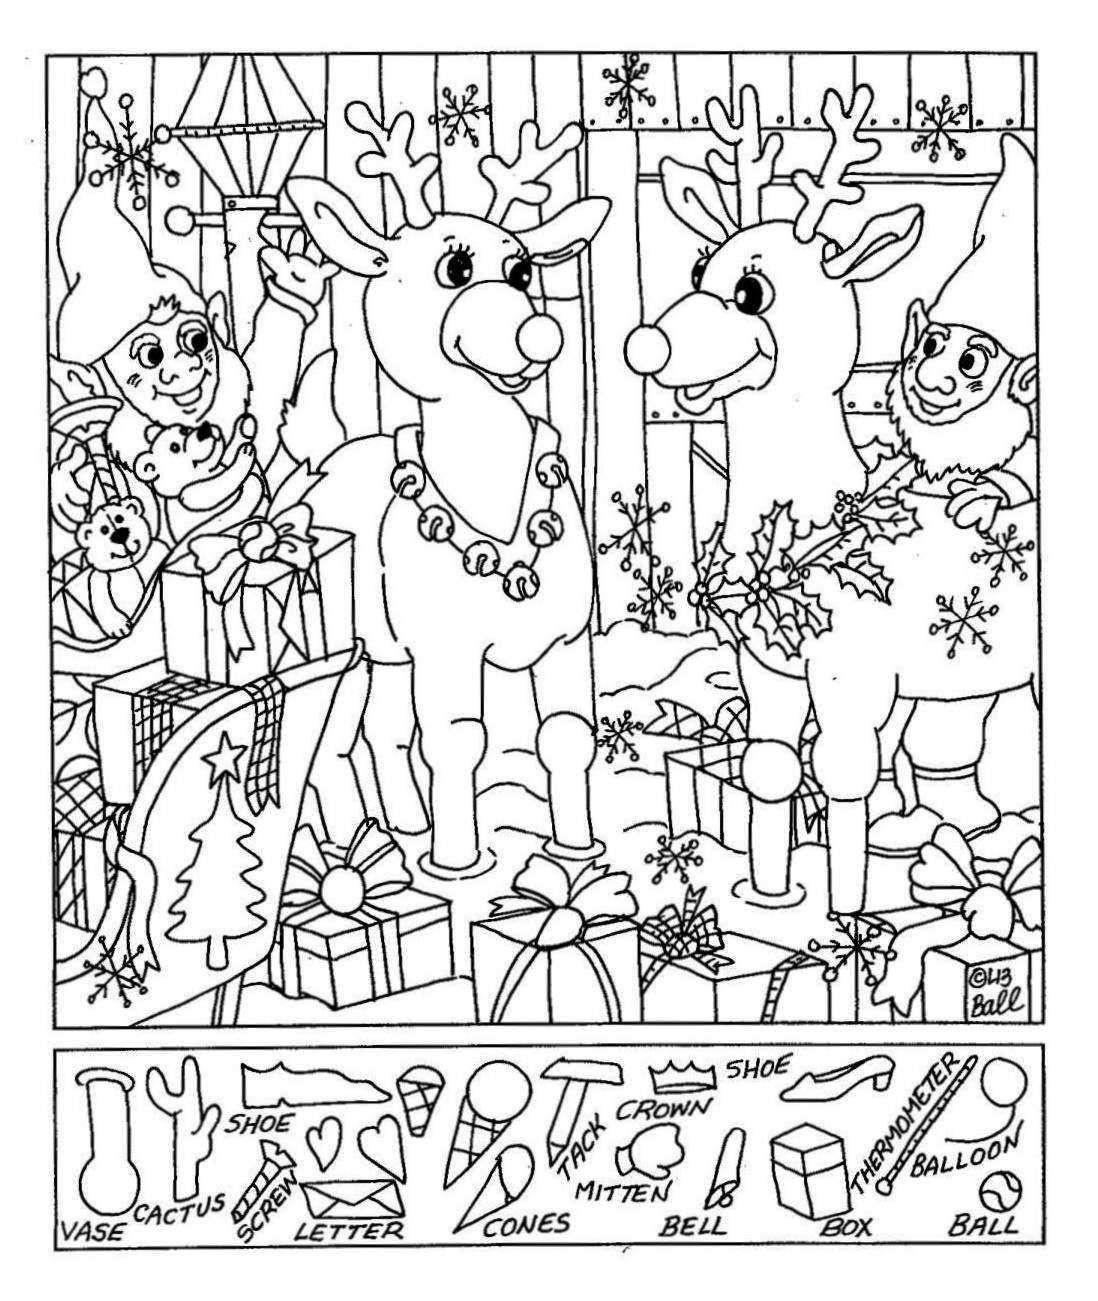 Liz's Hidden Pictures- Reindeer   Christmas   Hidden Pictures - Free Printable Christmas Hidden Picture Games